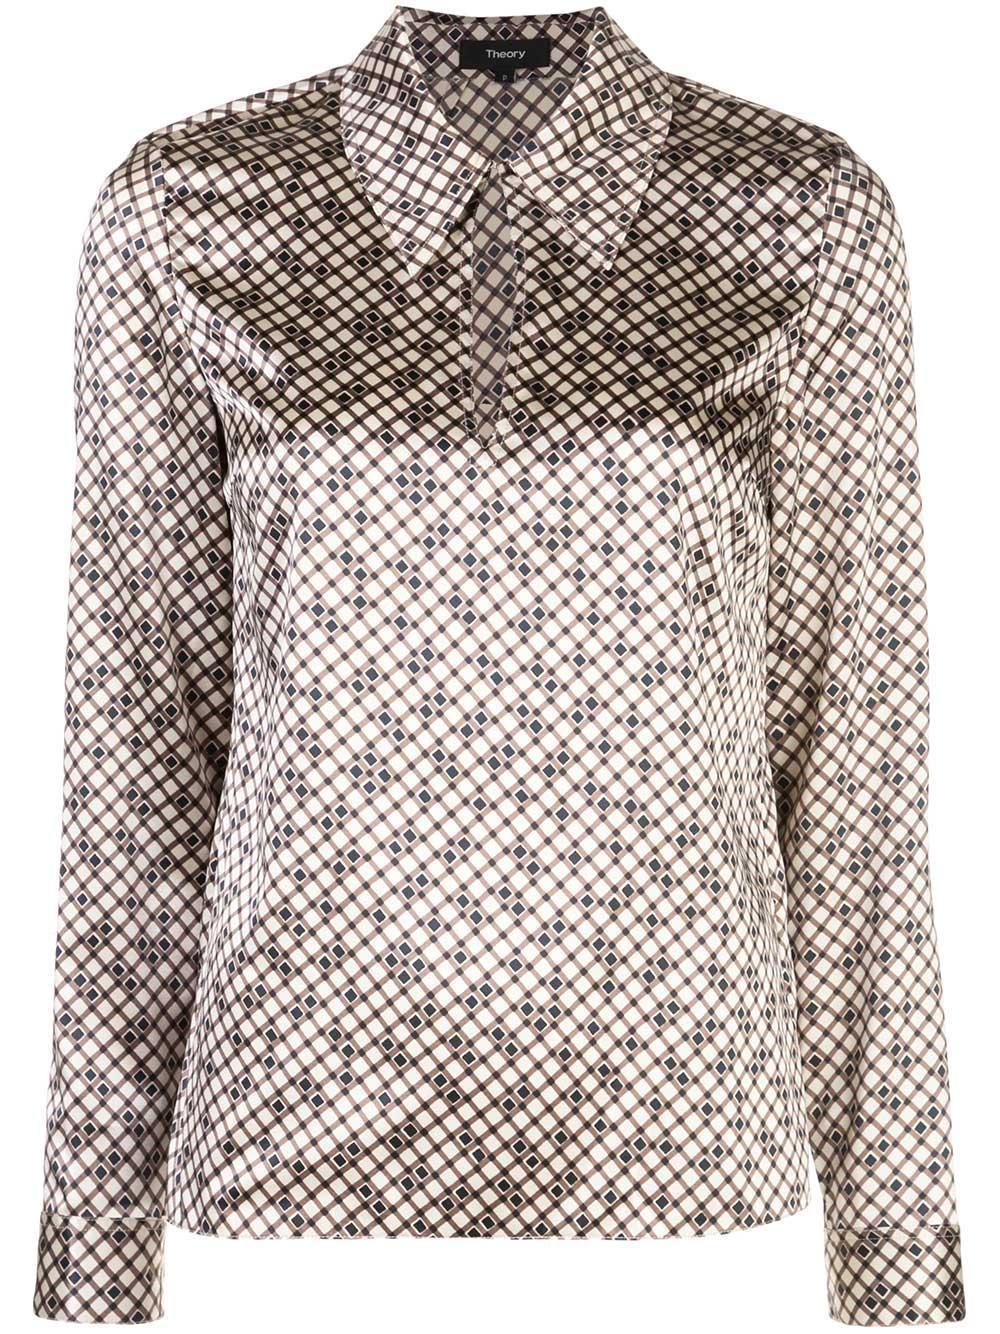 Wide Collar Printed Top Item # J1002501